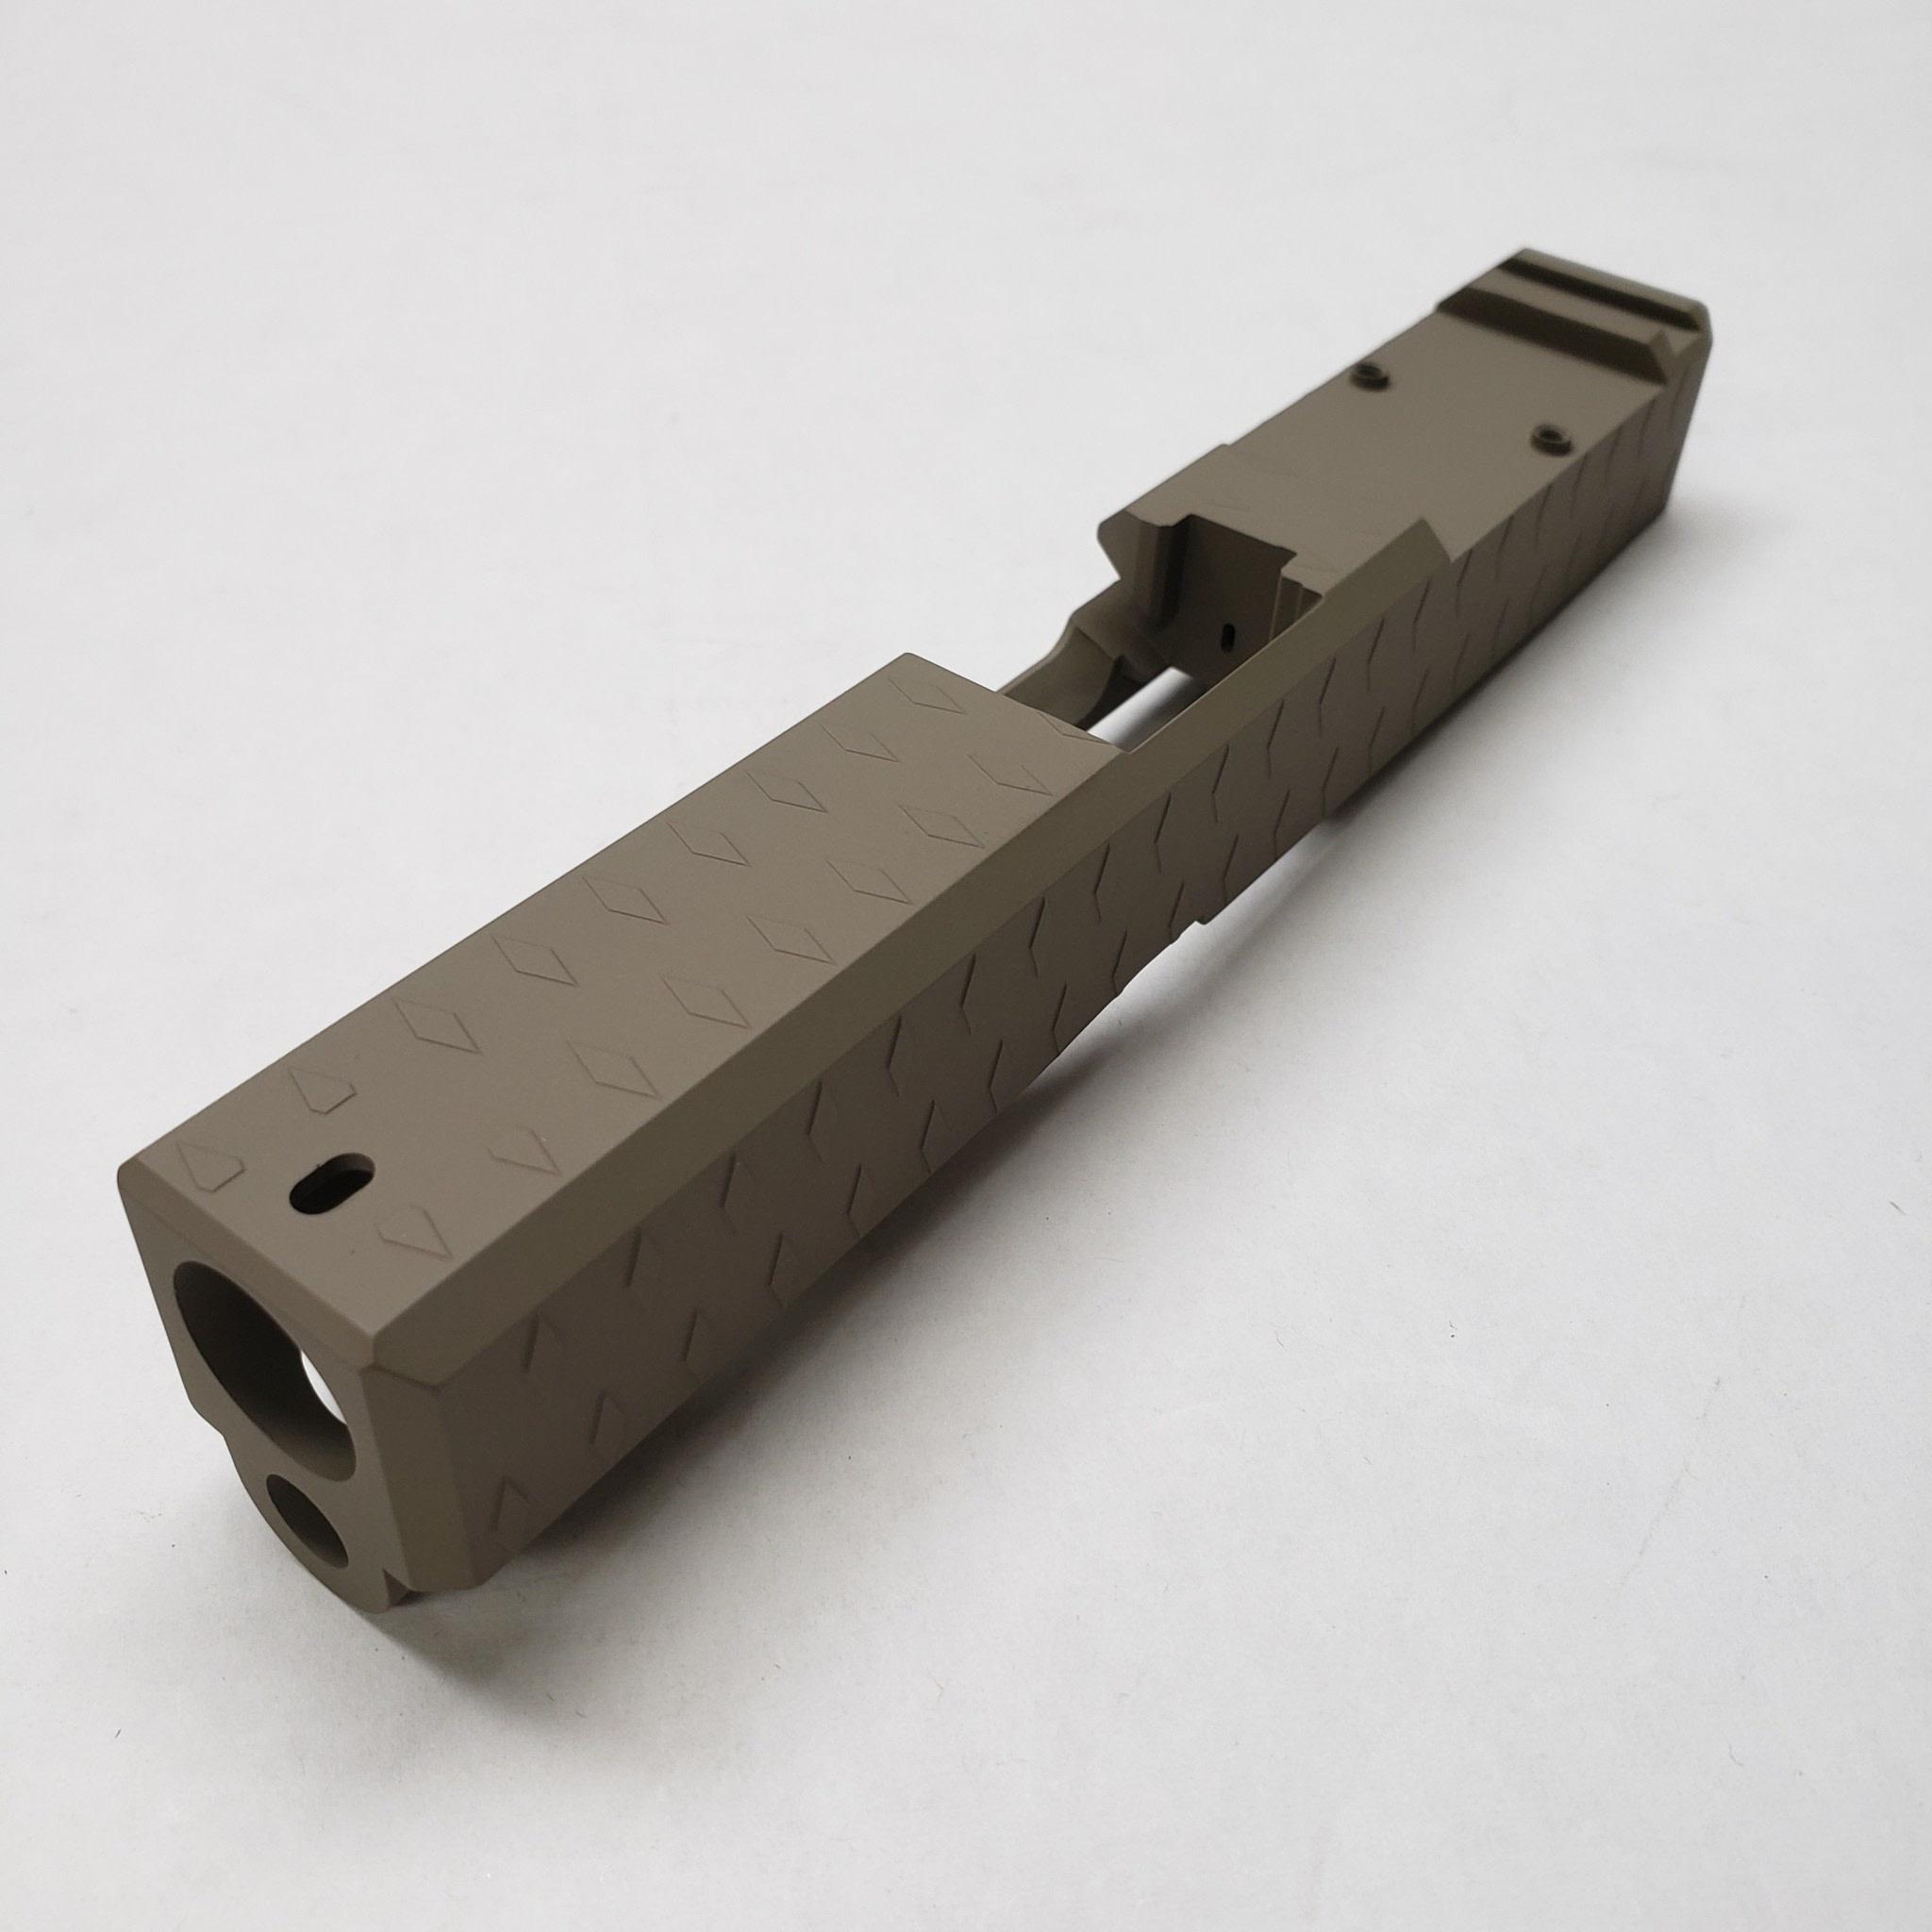 FU Glock Slide T3 Stripped G23 40 S&W